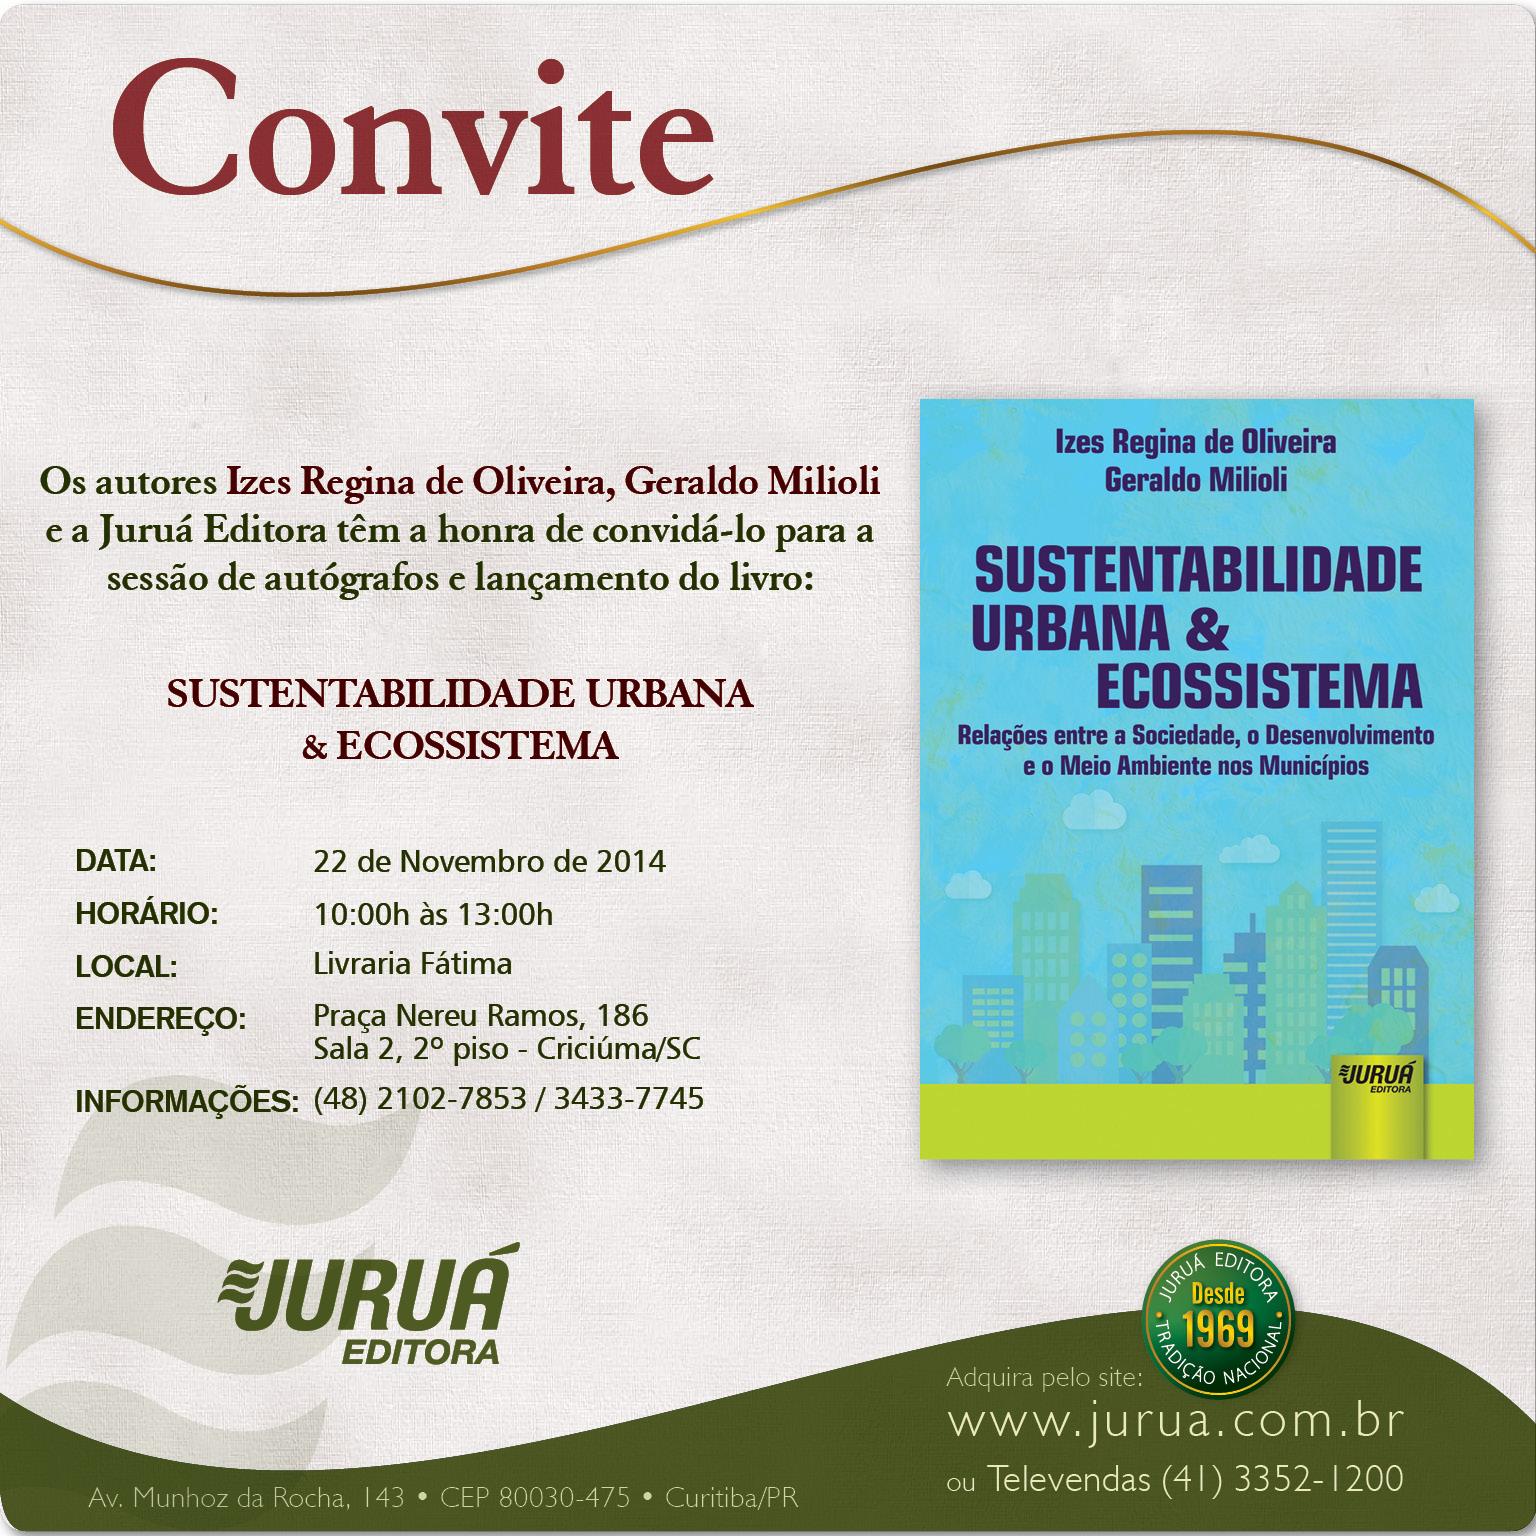 Convite lançamento do livro - Sustentabilidade Urbana